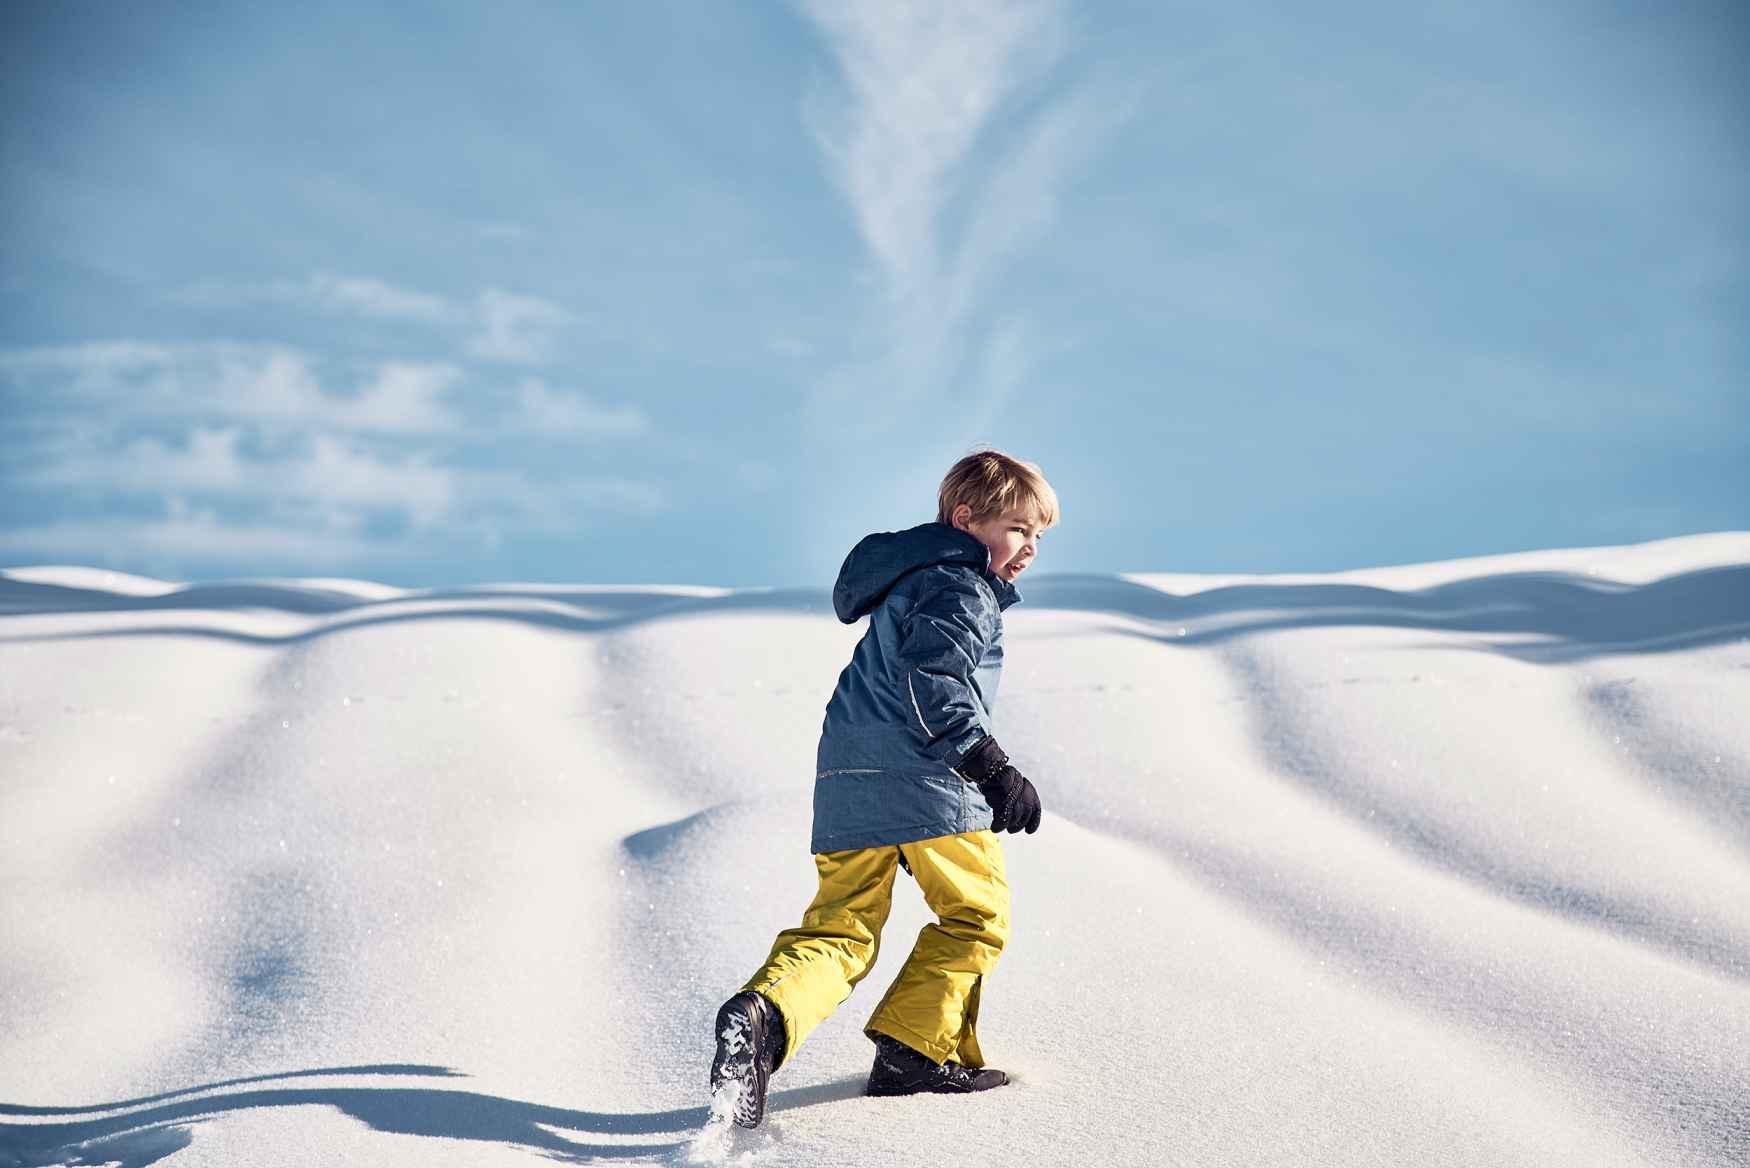 Dès l'arrivée des premiers flocons, les enfants n'ont qu'une envie: se précipiter à l'extérieur. Heureusement, les nouvelles chaussures MADDOX WARM GTX sont faciles à enfiler et les accompagnent dans toutes leurs aventures. Pour permettre aux enfants de s'amuser lorsque les températures passent en dessous de zéro, un matériau synthétique robuste et une doublure Partelana GORE-TEX imperméable garde les petits pieds au chaud et au sec pour longtemps.